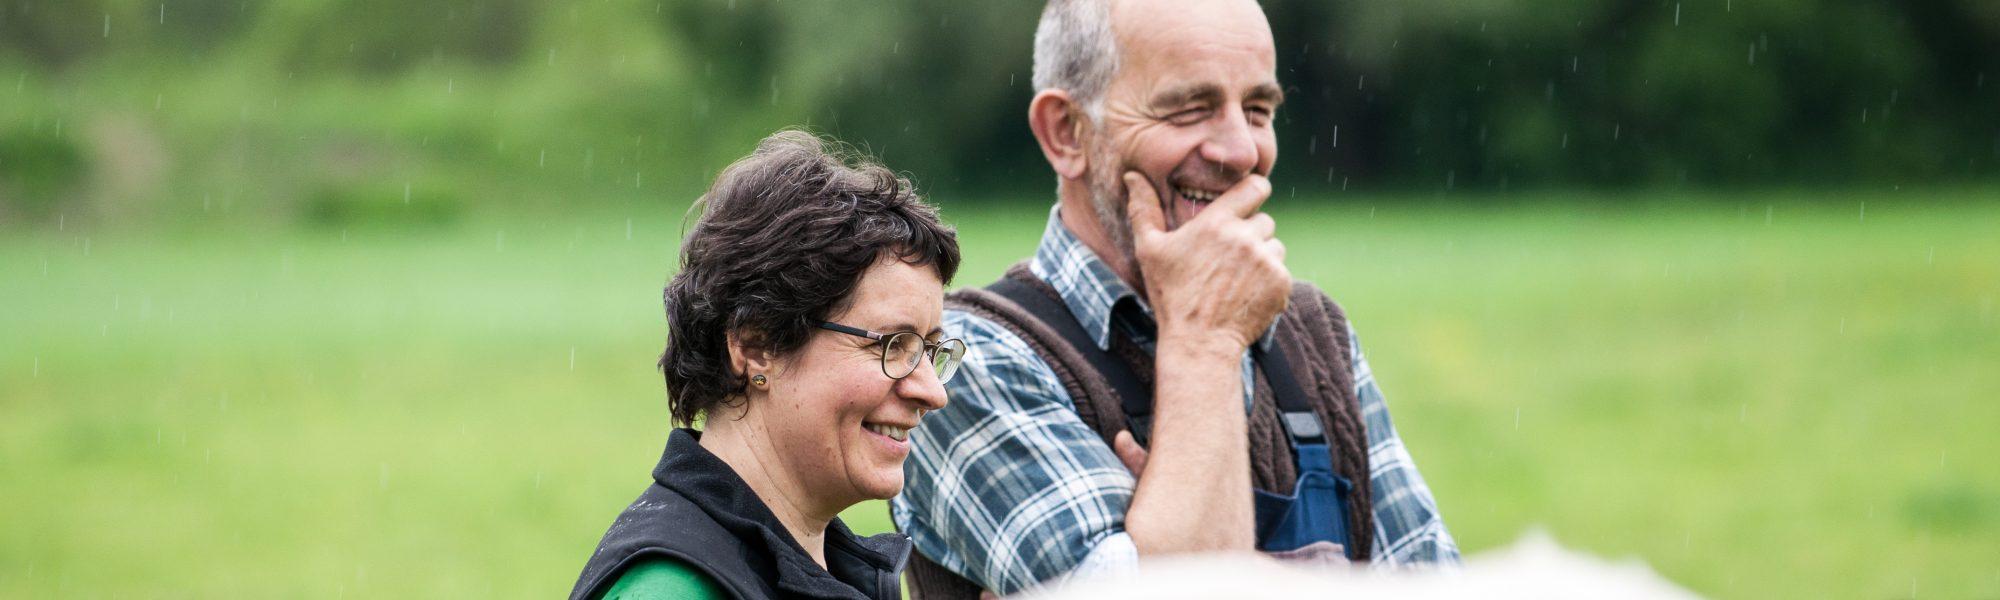 Programm Freiland-Tagung Bio-Milchviehhaltung Mensch-Tier-Beziehung Tierärztin